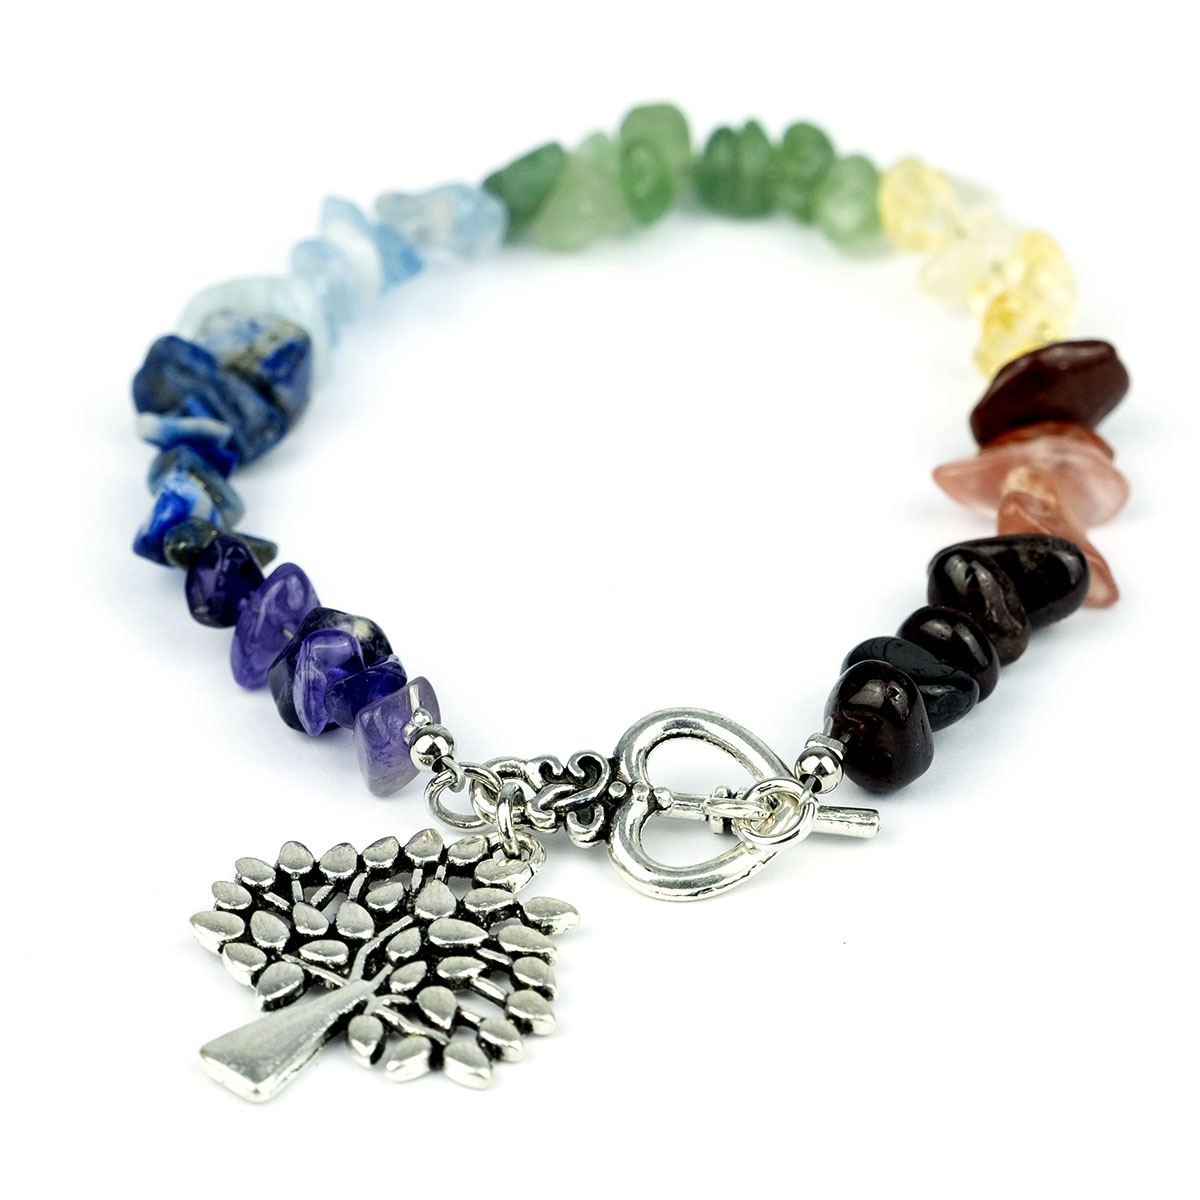 Bracelet de pierres naturelles de chakra avec fermoir toggel en alliage de coeur et arbre de vie